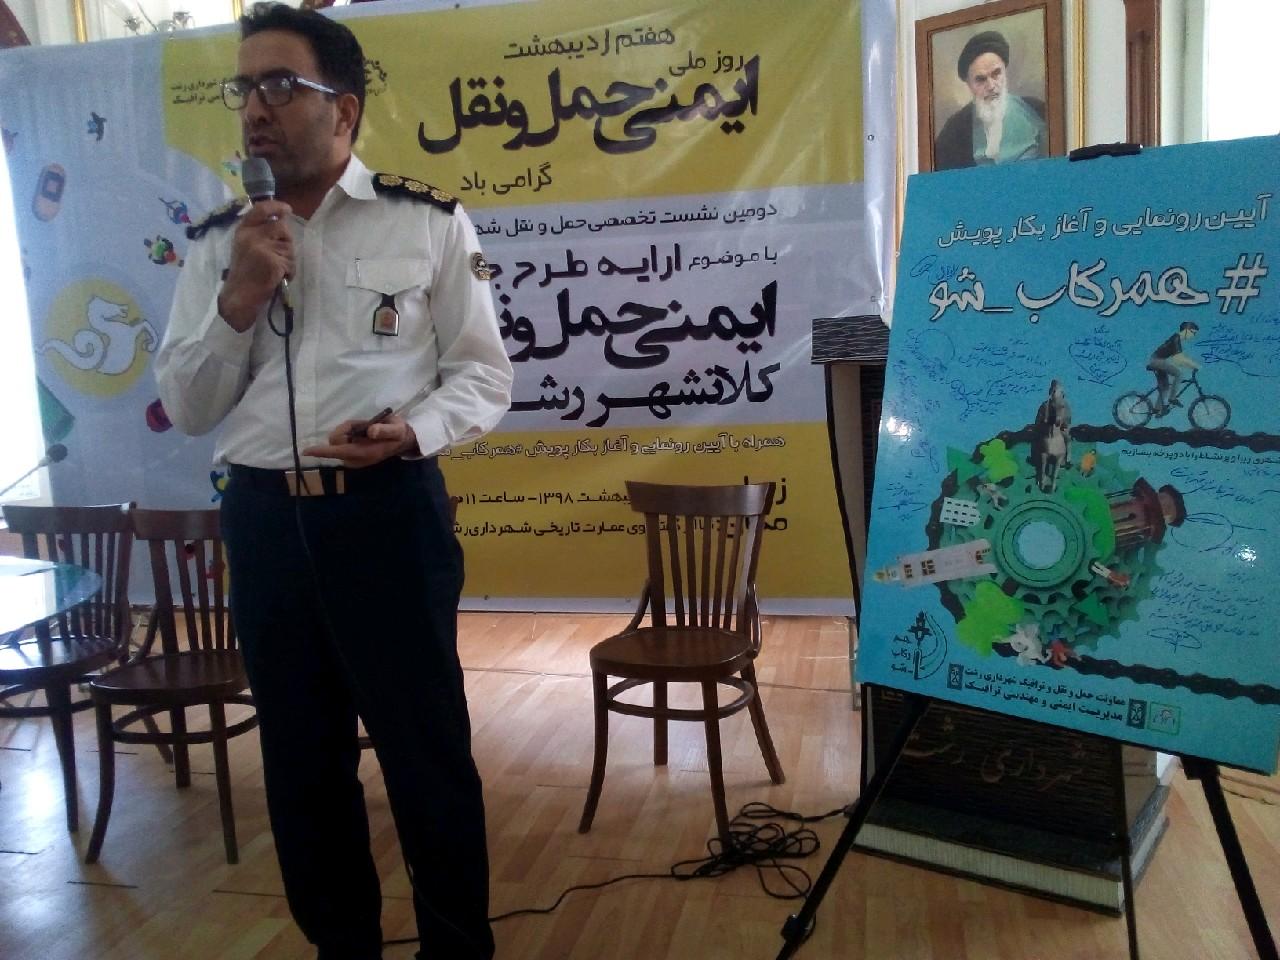 سرهنگ محمدی